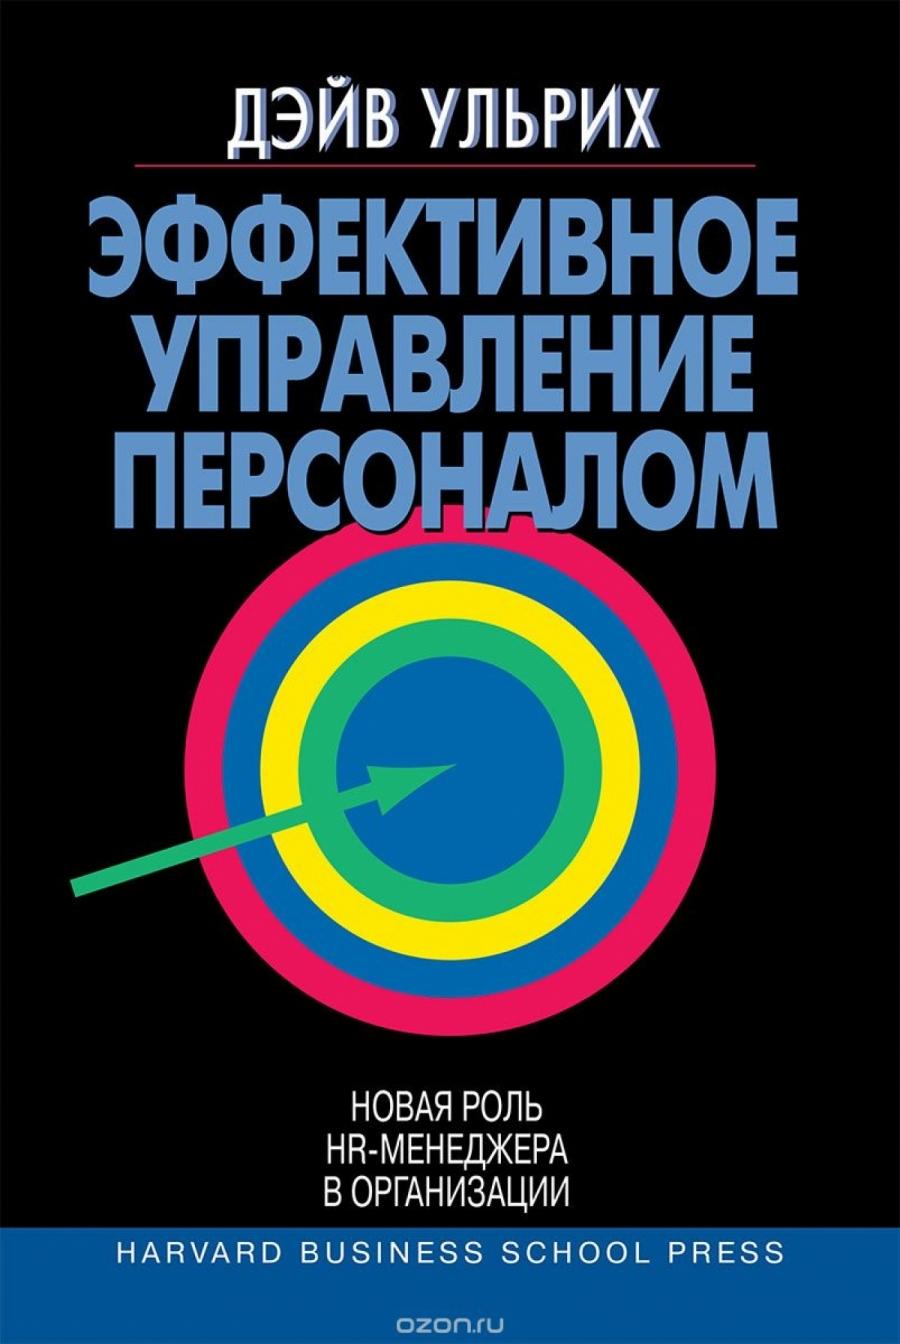 Обложка книги:  ульрих д. - эффективное управление персоналом. новая роль hr-менеджера в организации